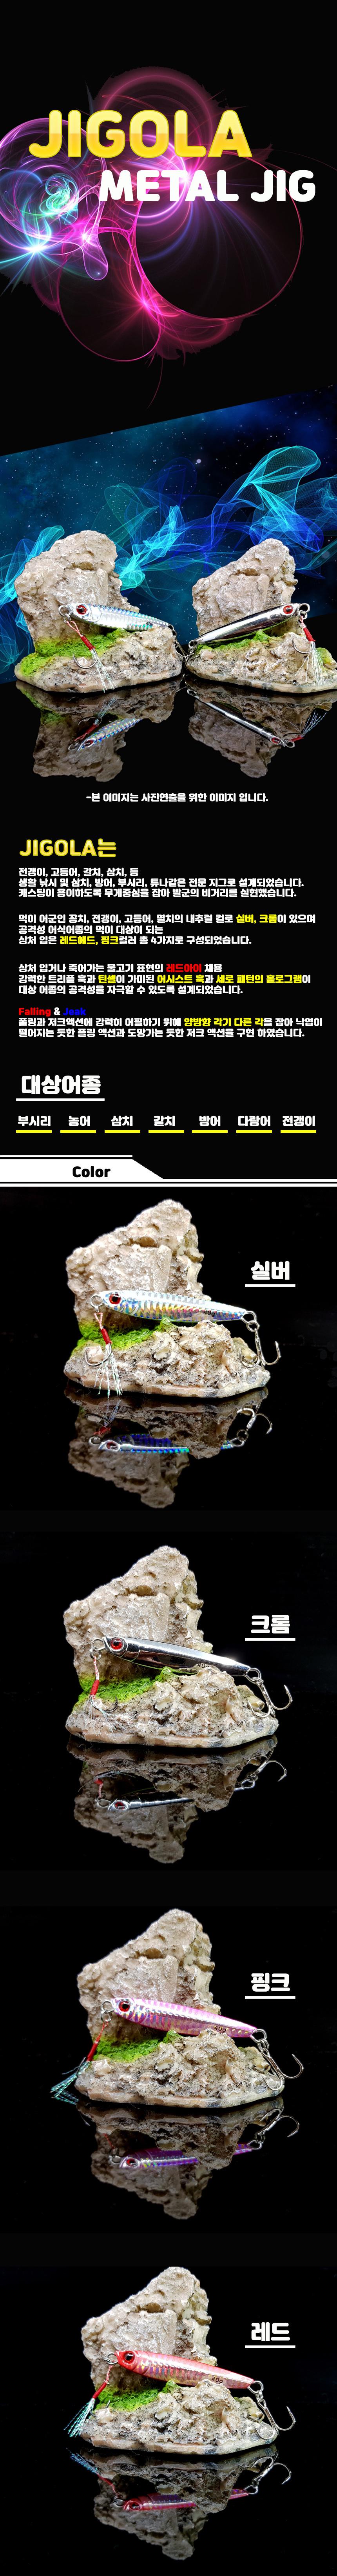 파미 JIGOLA 메탈지그 지고라 삼치메탈 삼치 크롬 크롬메탈 크롬지그 메탈 삼치낚시 삼치루어 성대 성대낚시 고등어 고등어루어 바다루어